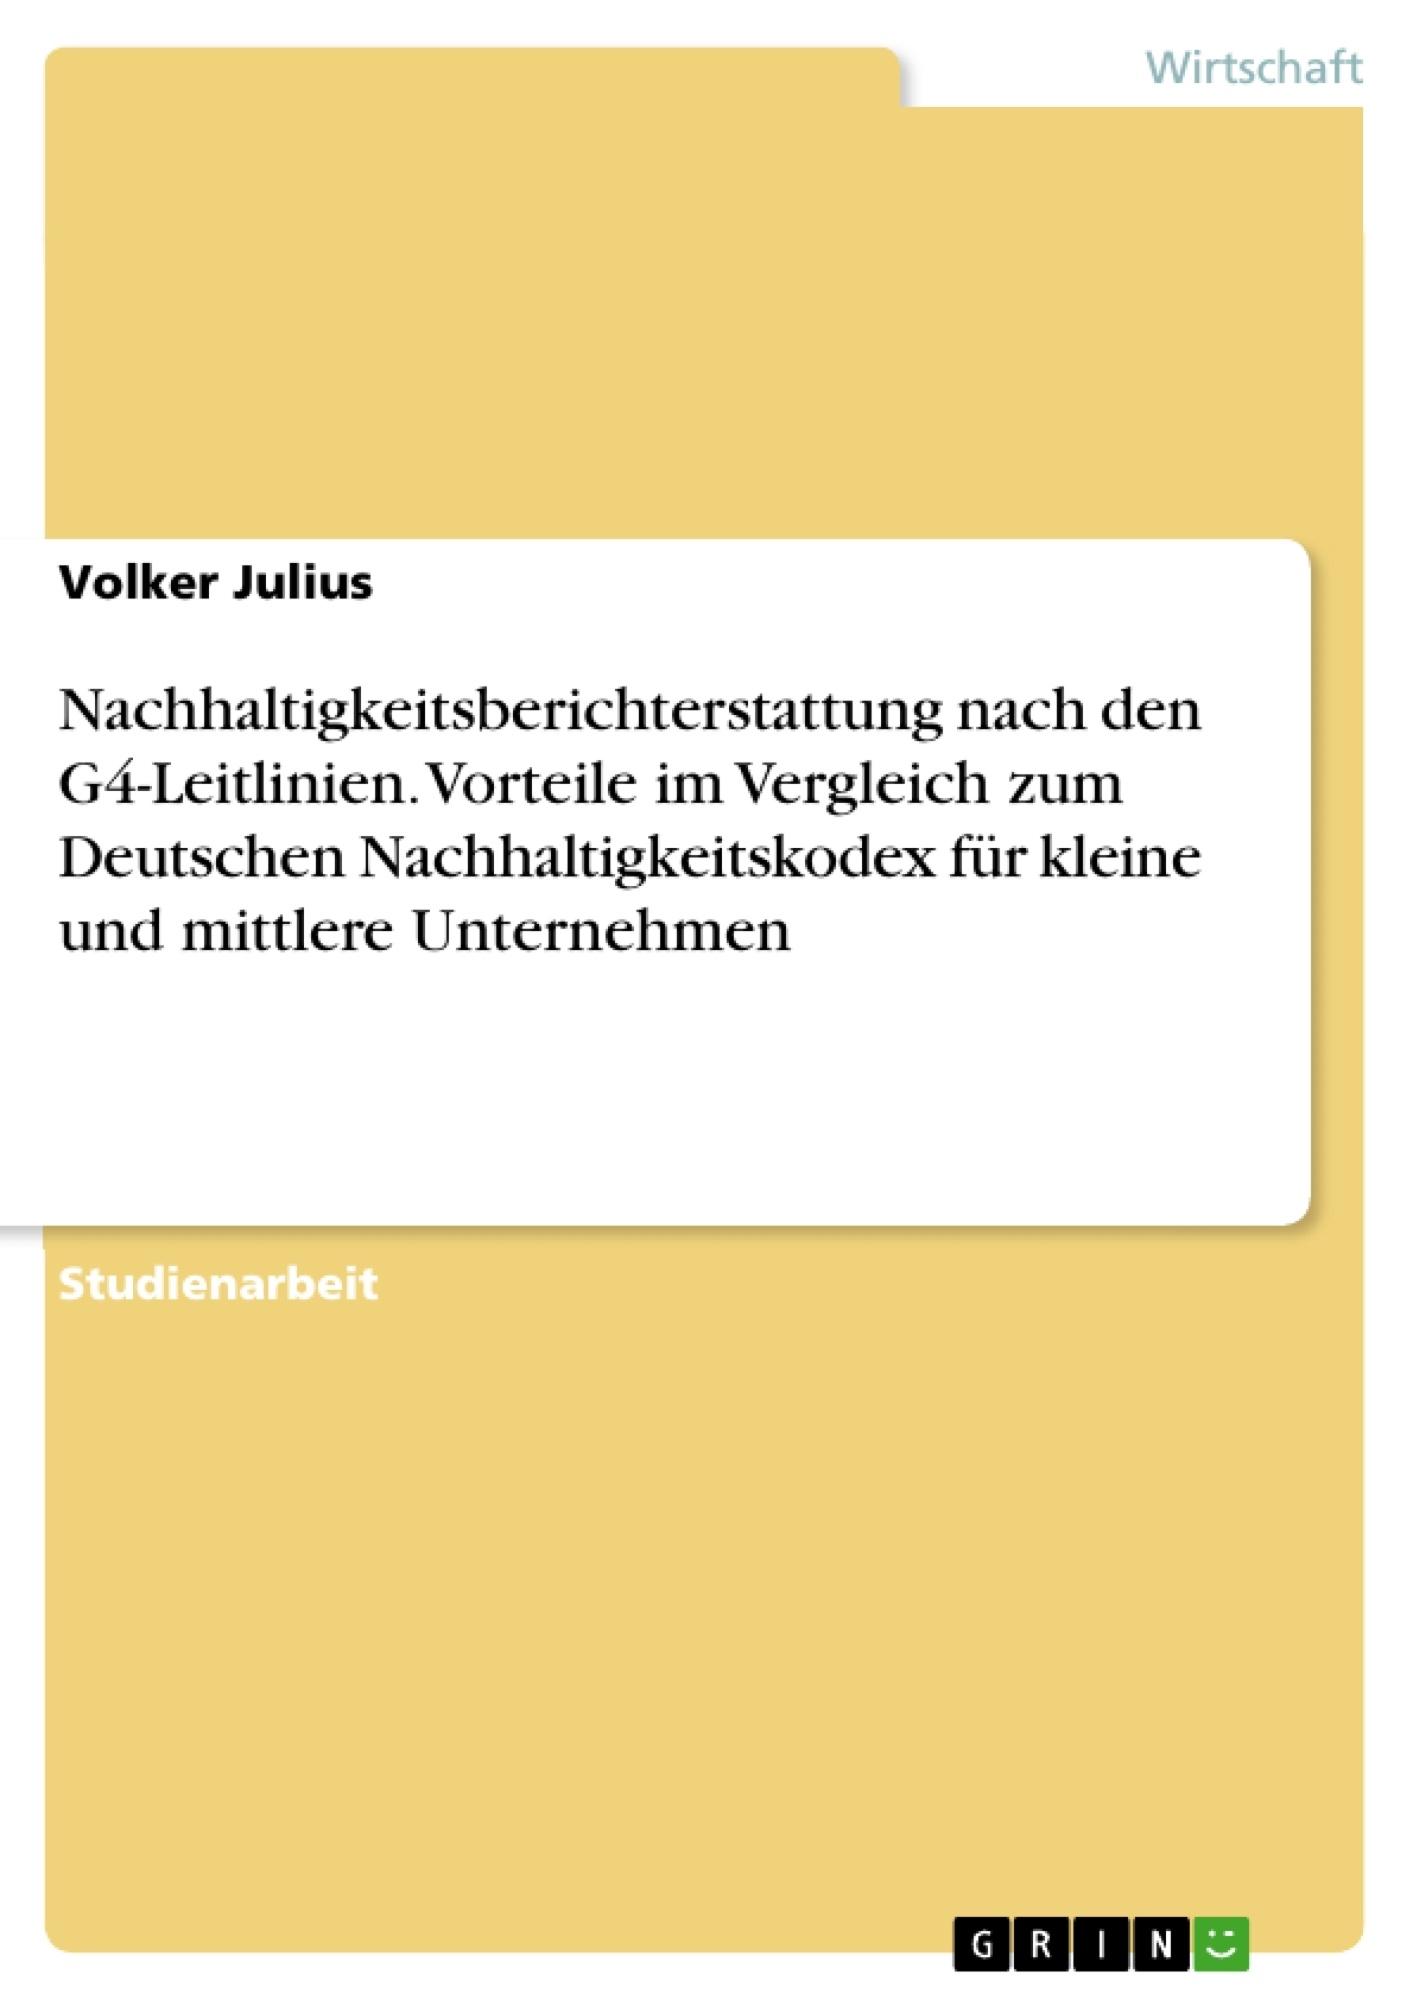 Titel: Nachhaltigkeitsberichterstattung nach den G4-Leitlinien. Vorteile im Vergleich zum Deutschen Nachhaltigkeitskodex für kleine und mittlere Unternehmen